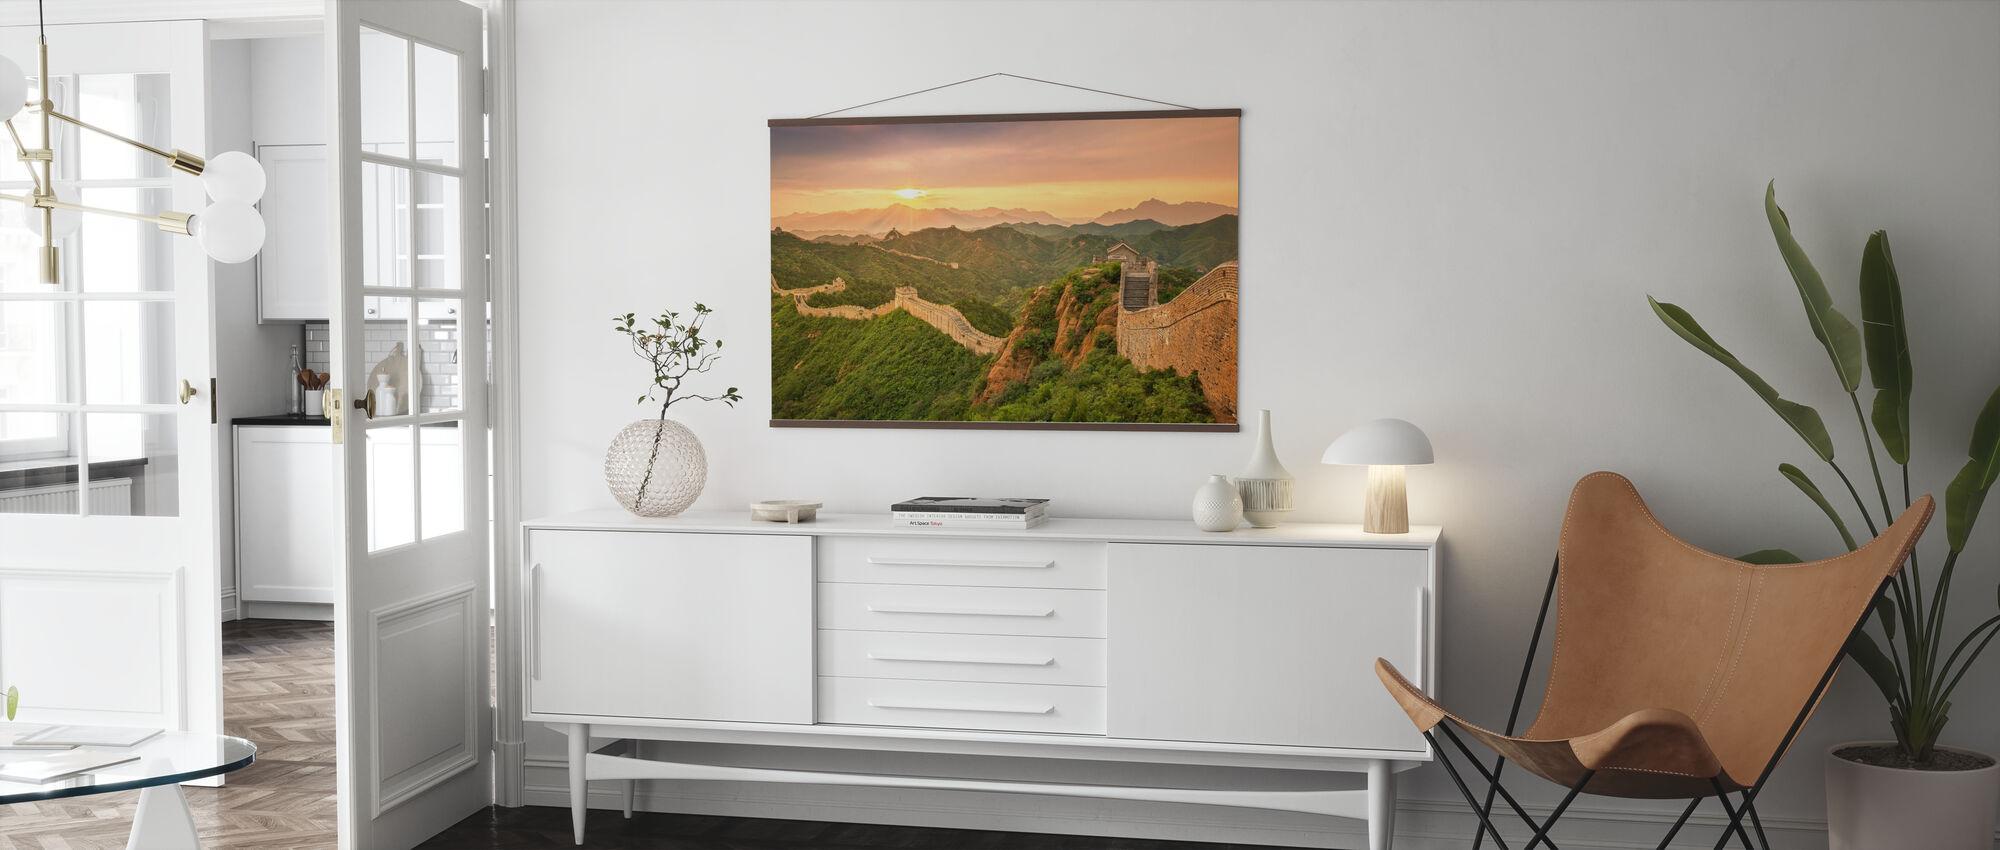 Kinas stora mur vid soluppgången - Poster - Vardagsrum